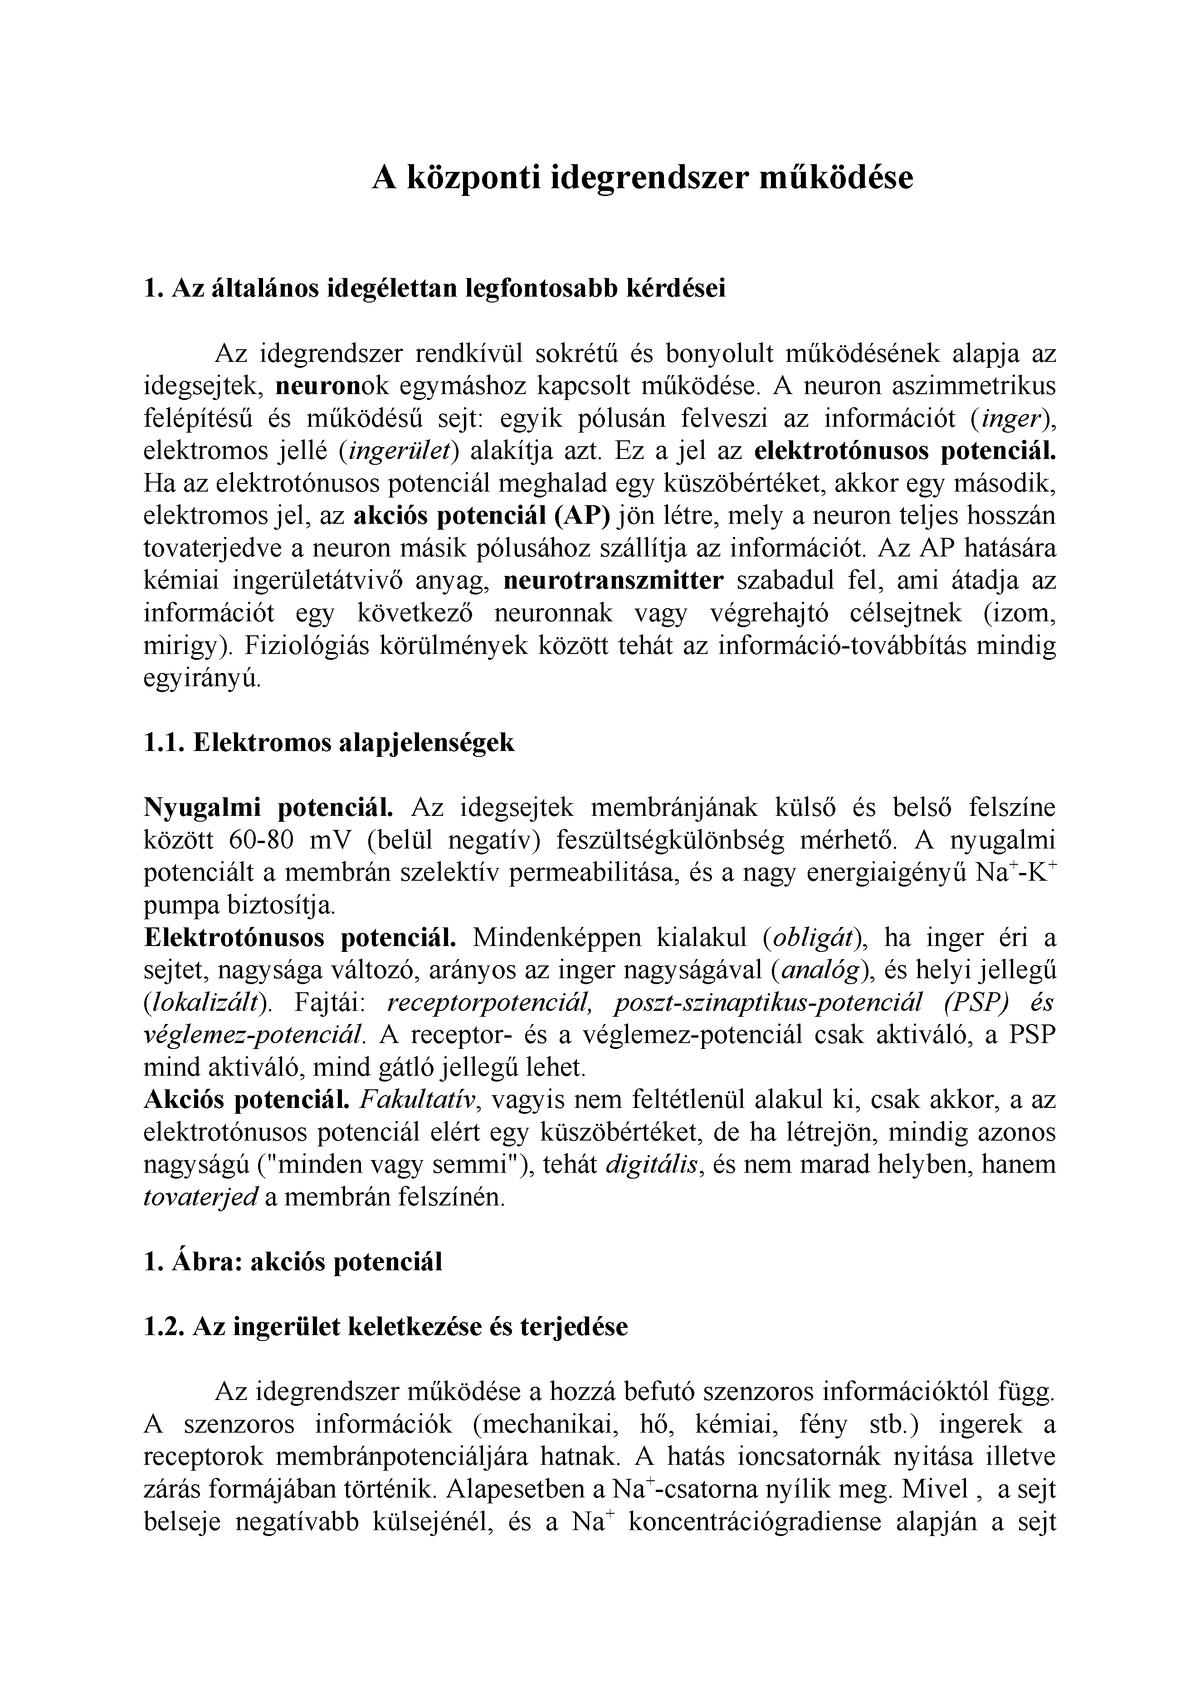 Pulzusáramok, javallatok és ellenjavallatok. Impulzusáram felhasználásával